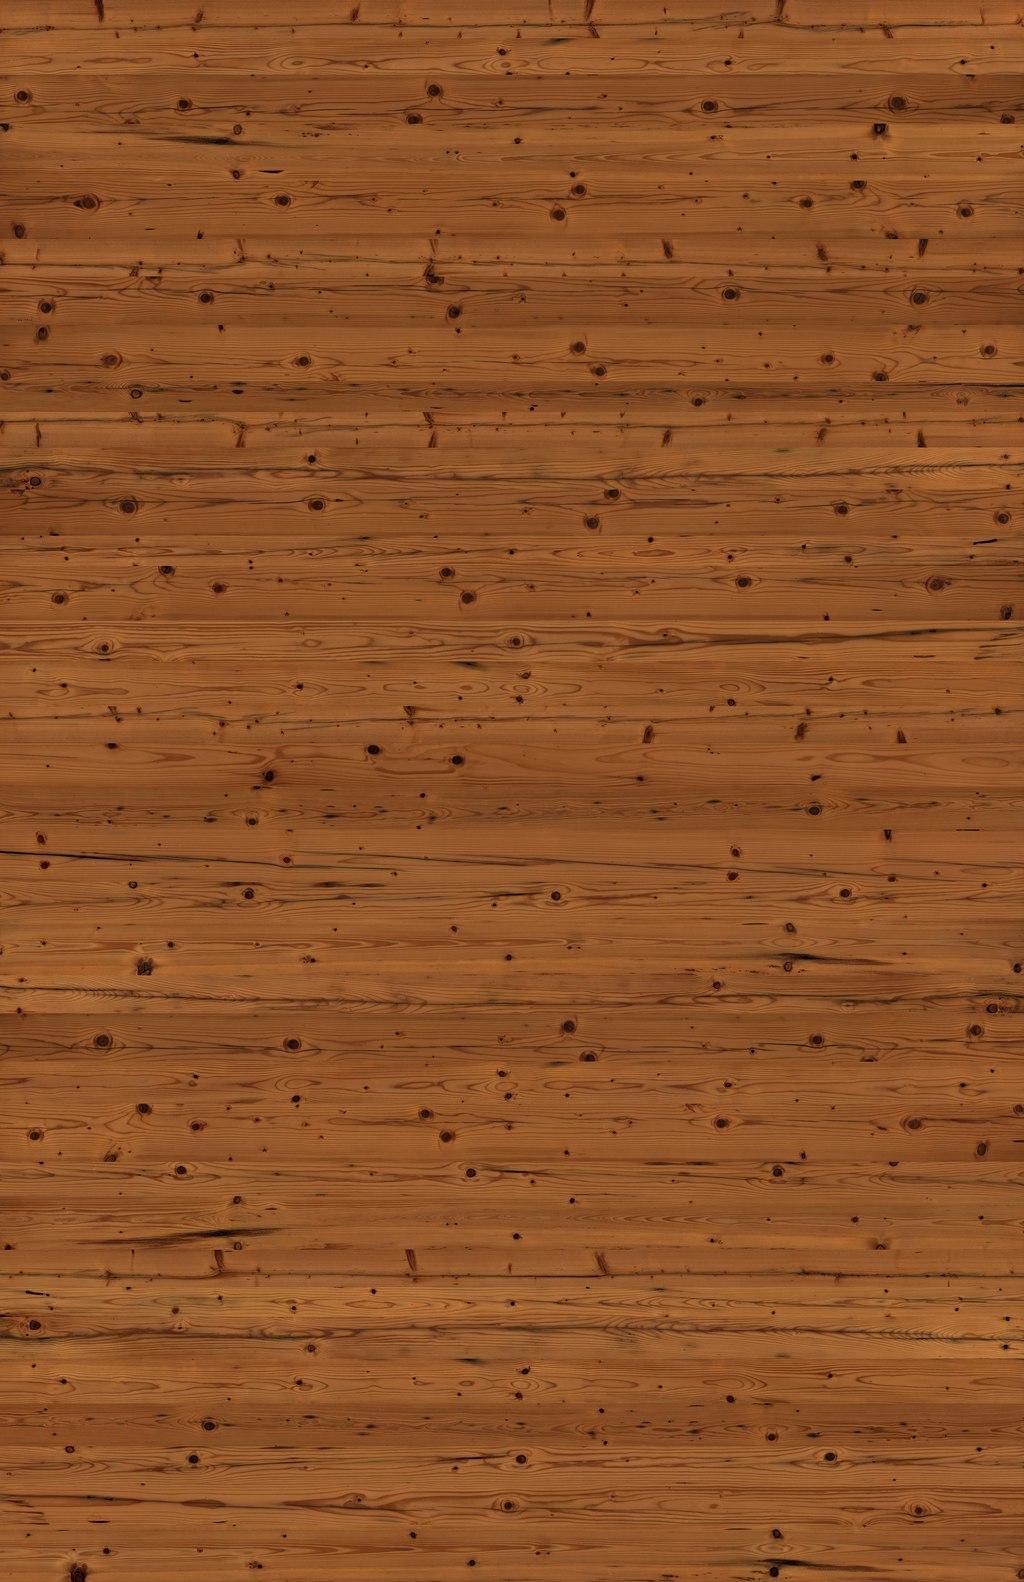 深色杉木木纹贴图